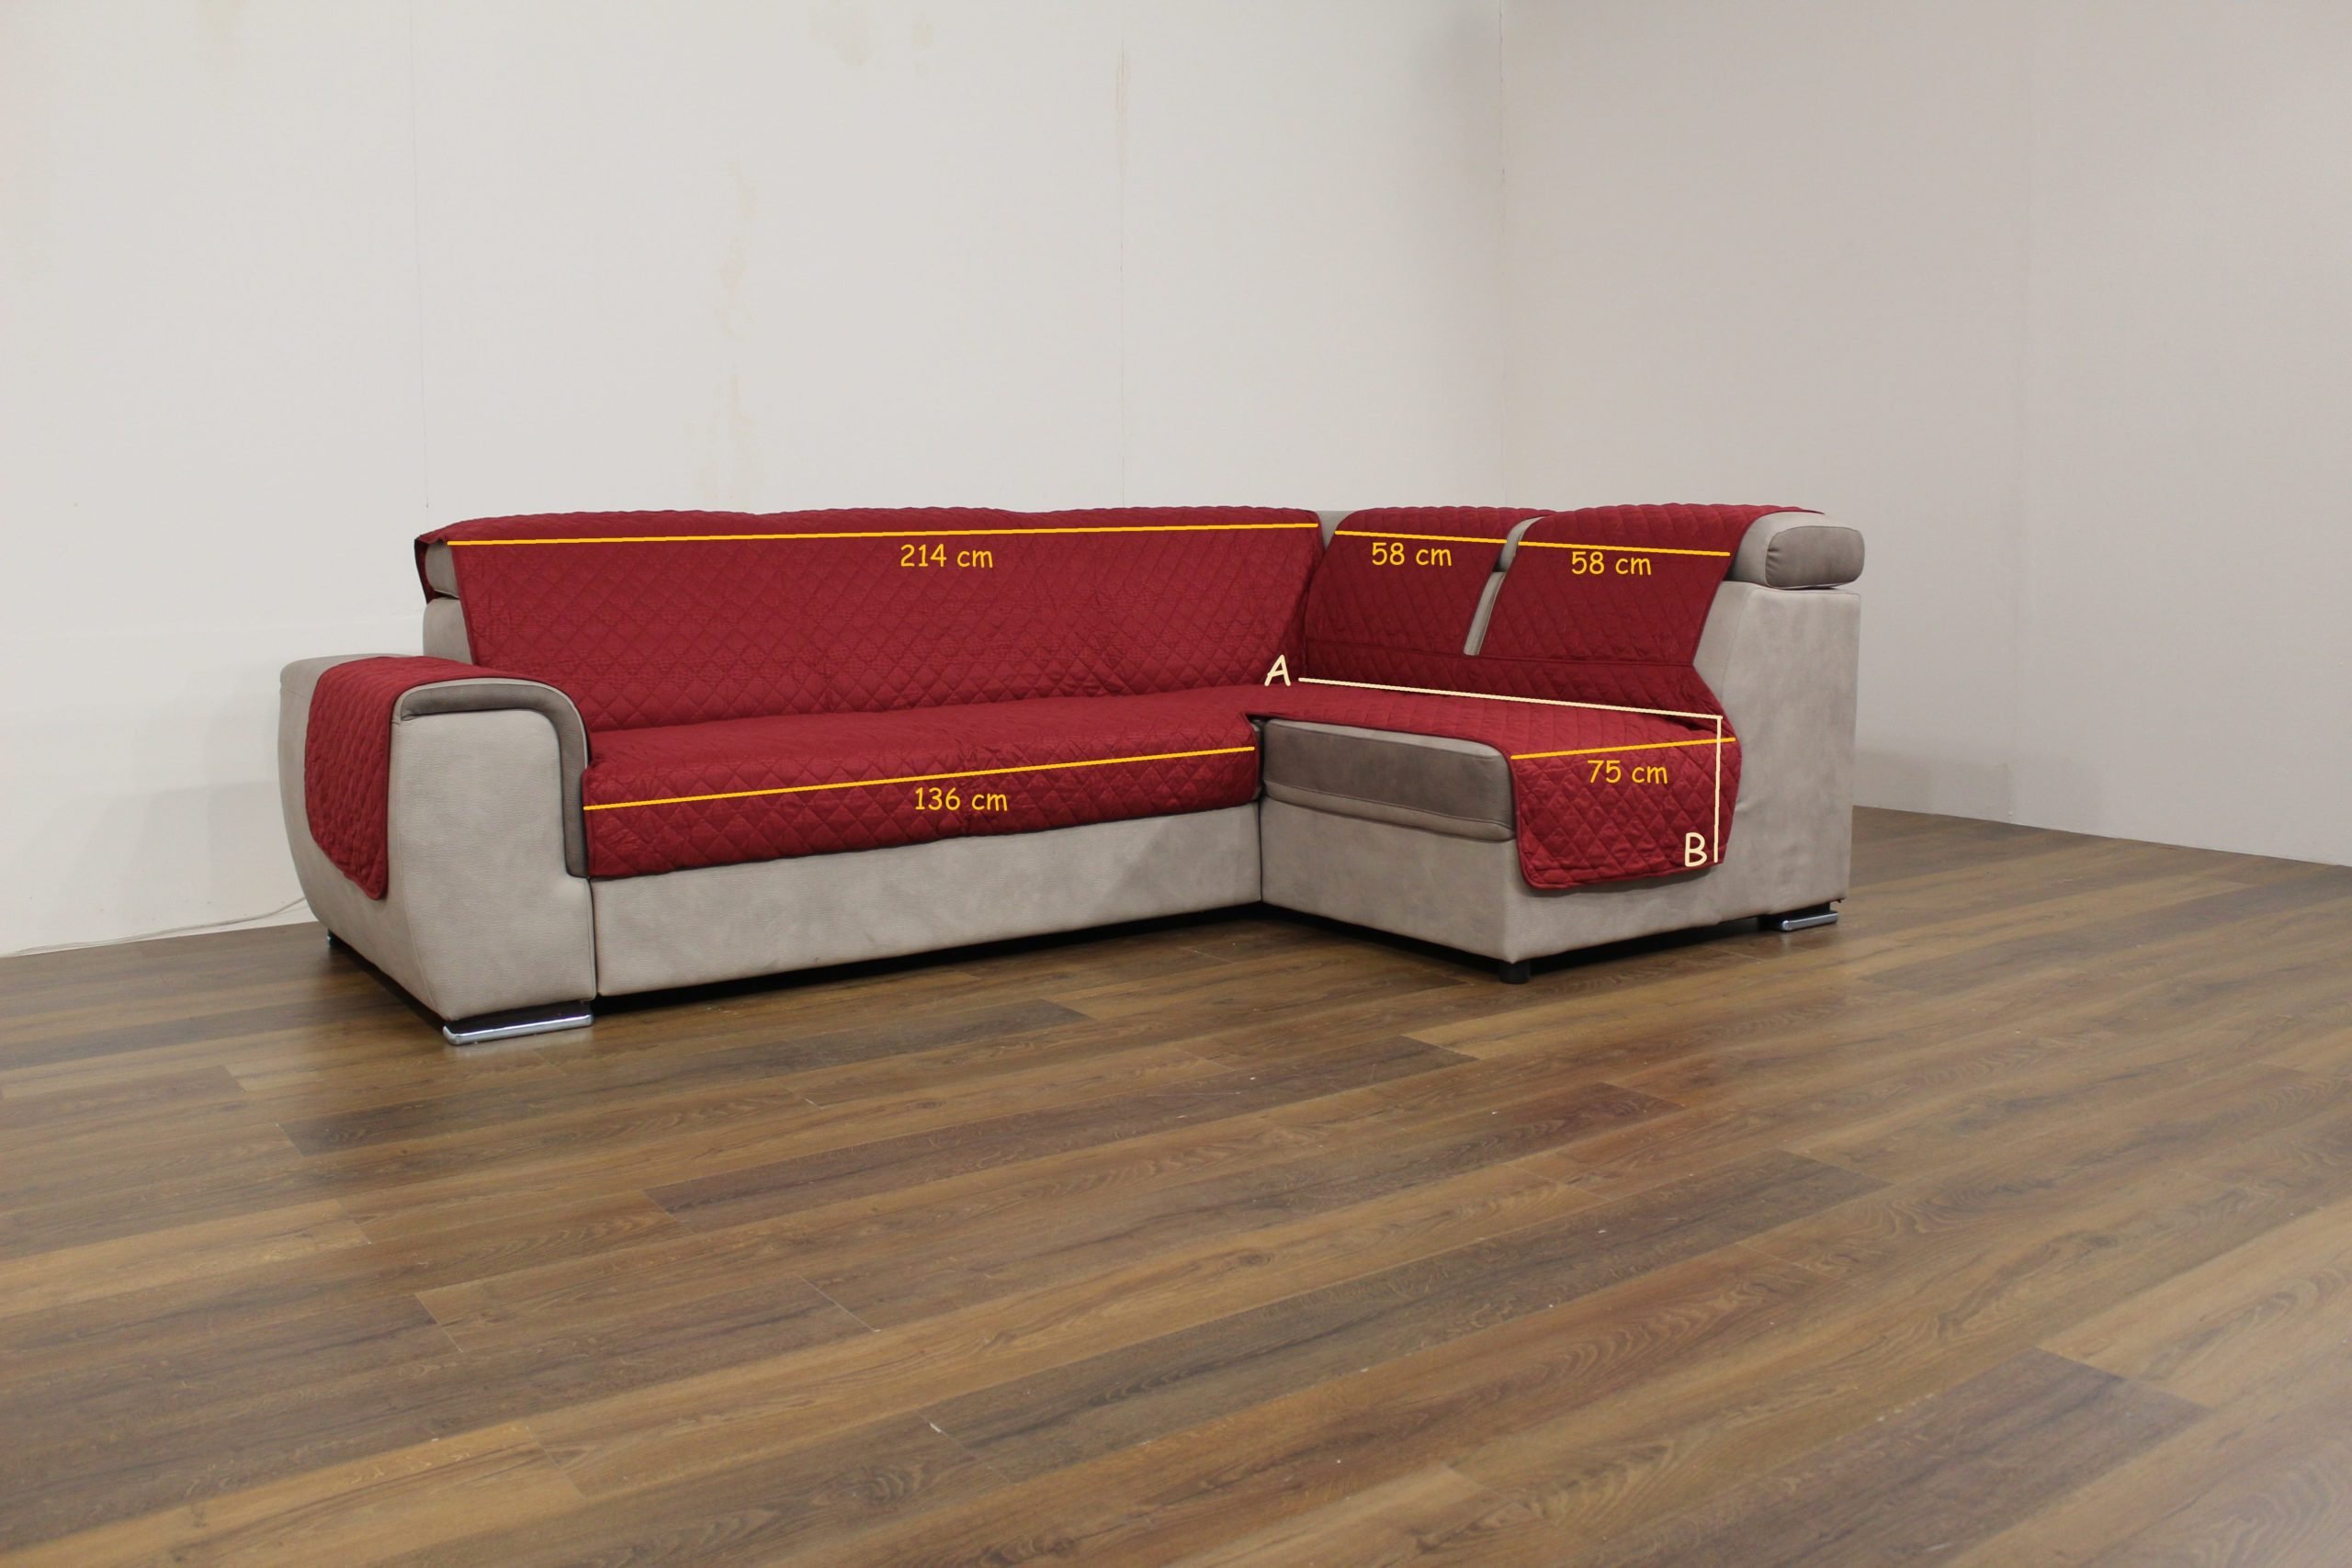 divano con misure